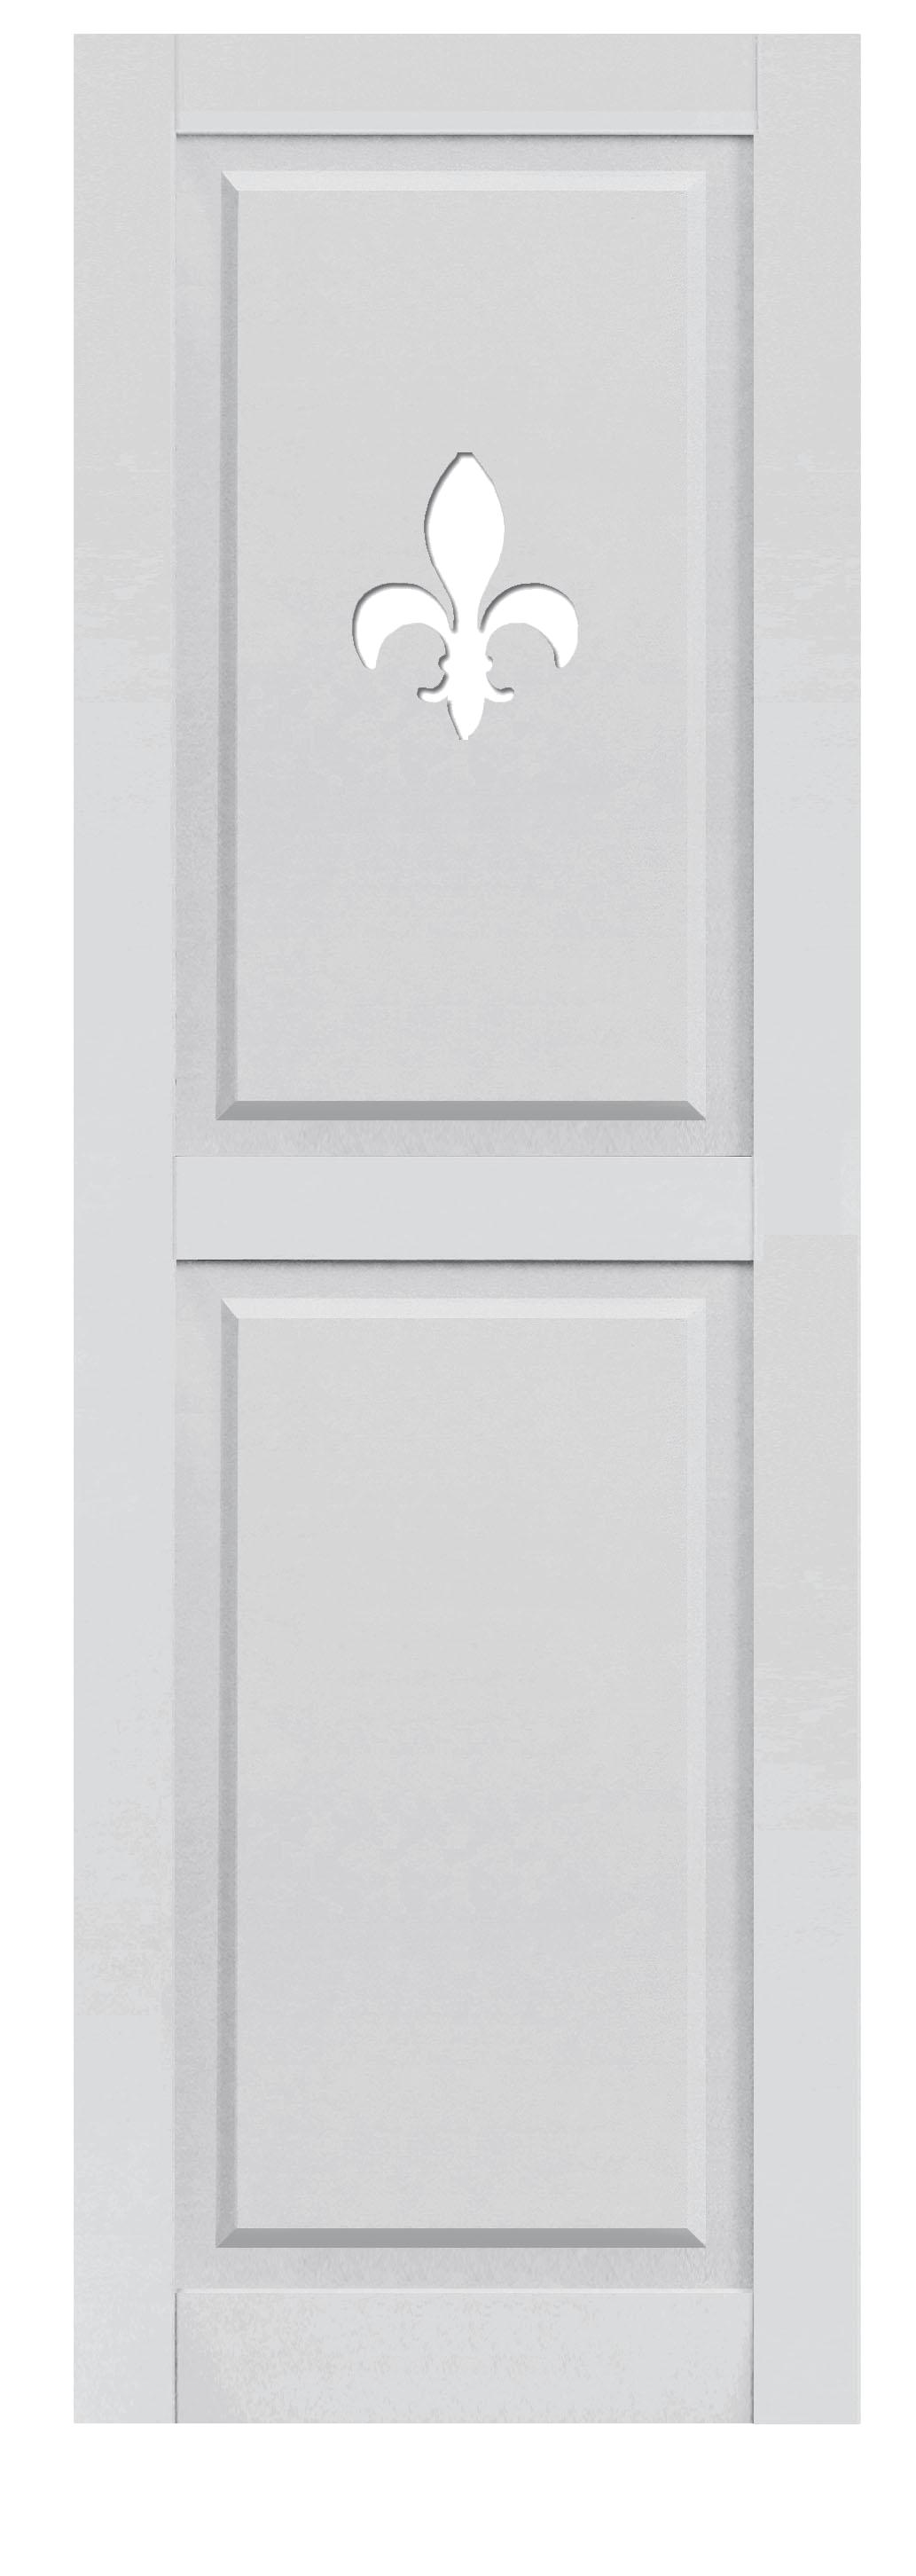 Composite Paneled with Fleur De Lis Cutout